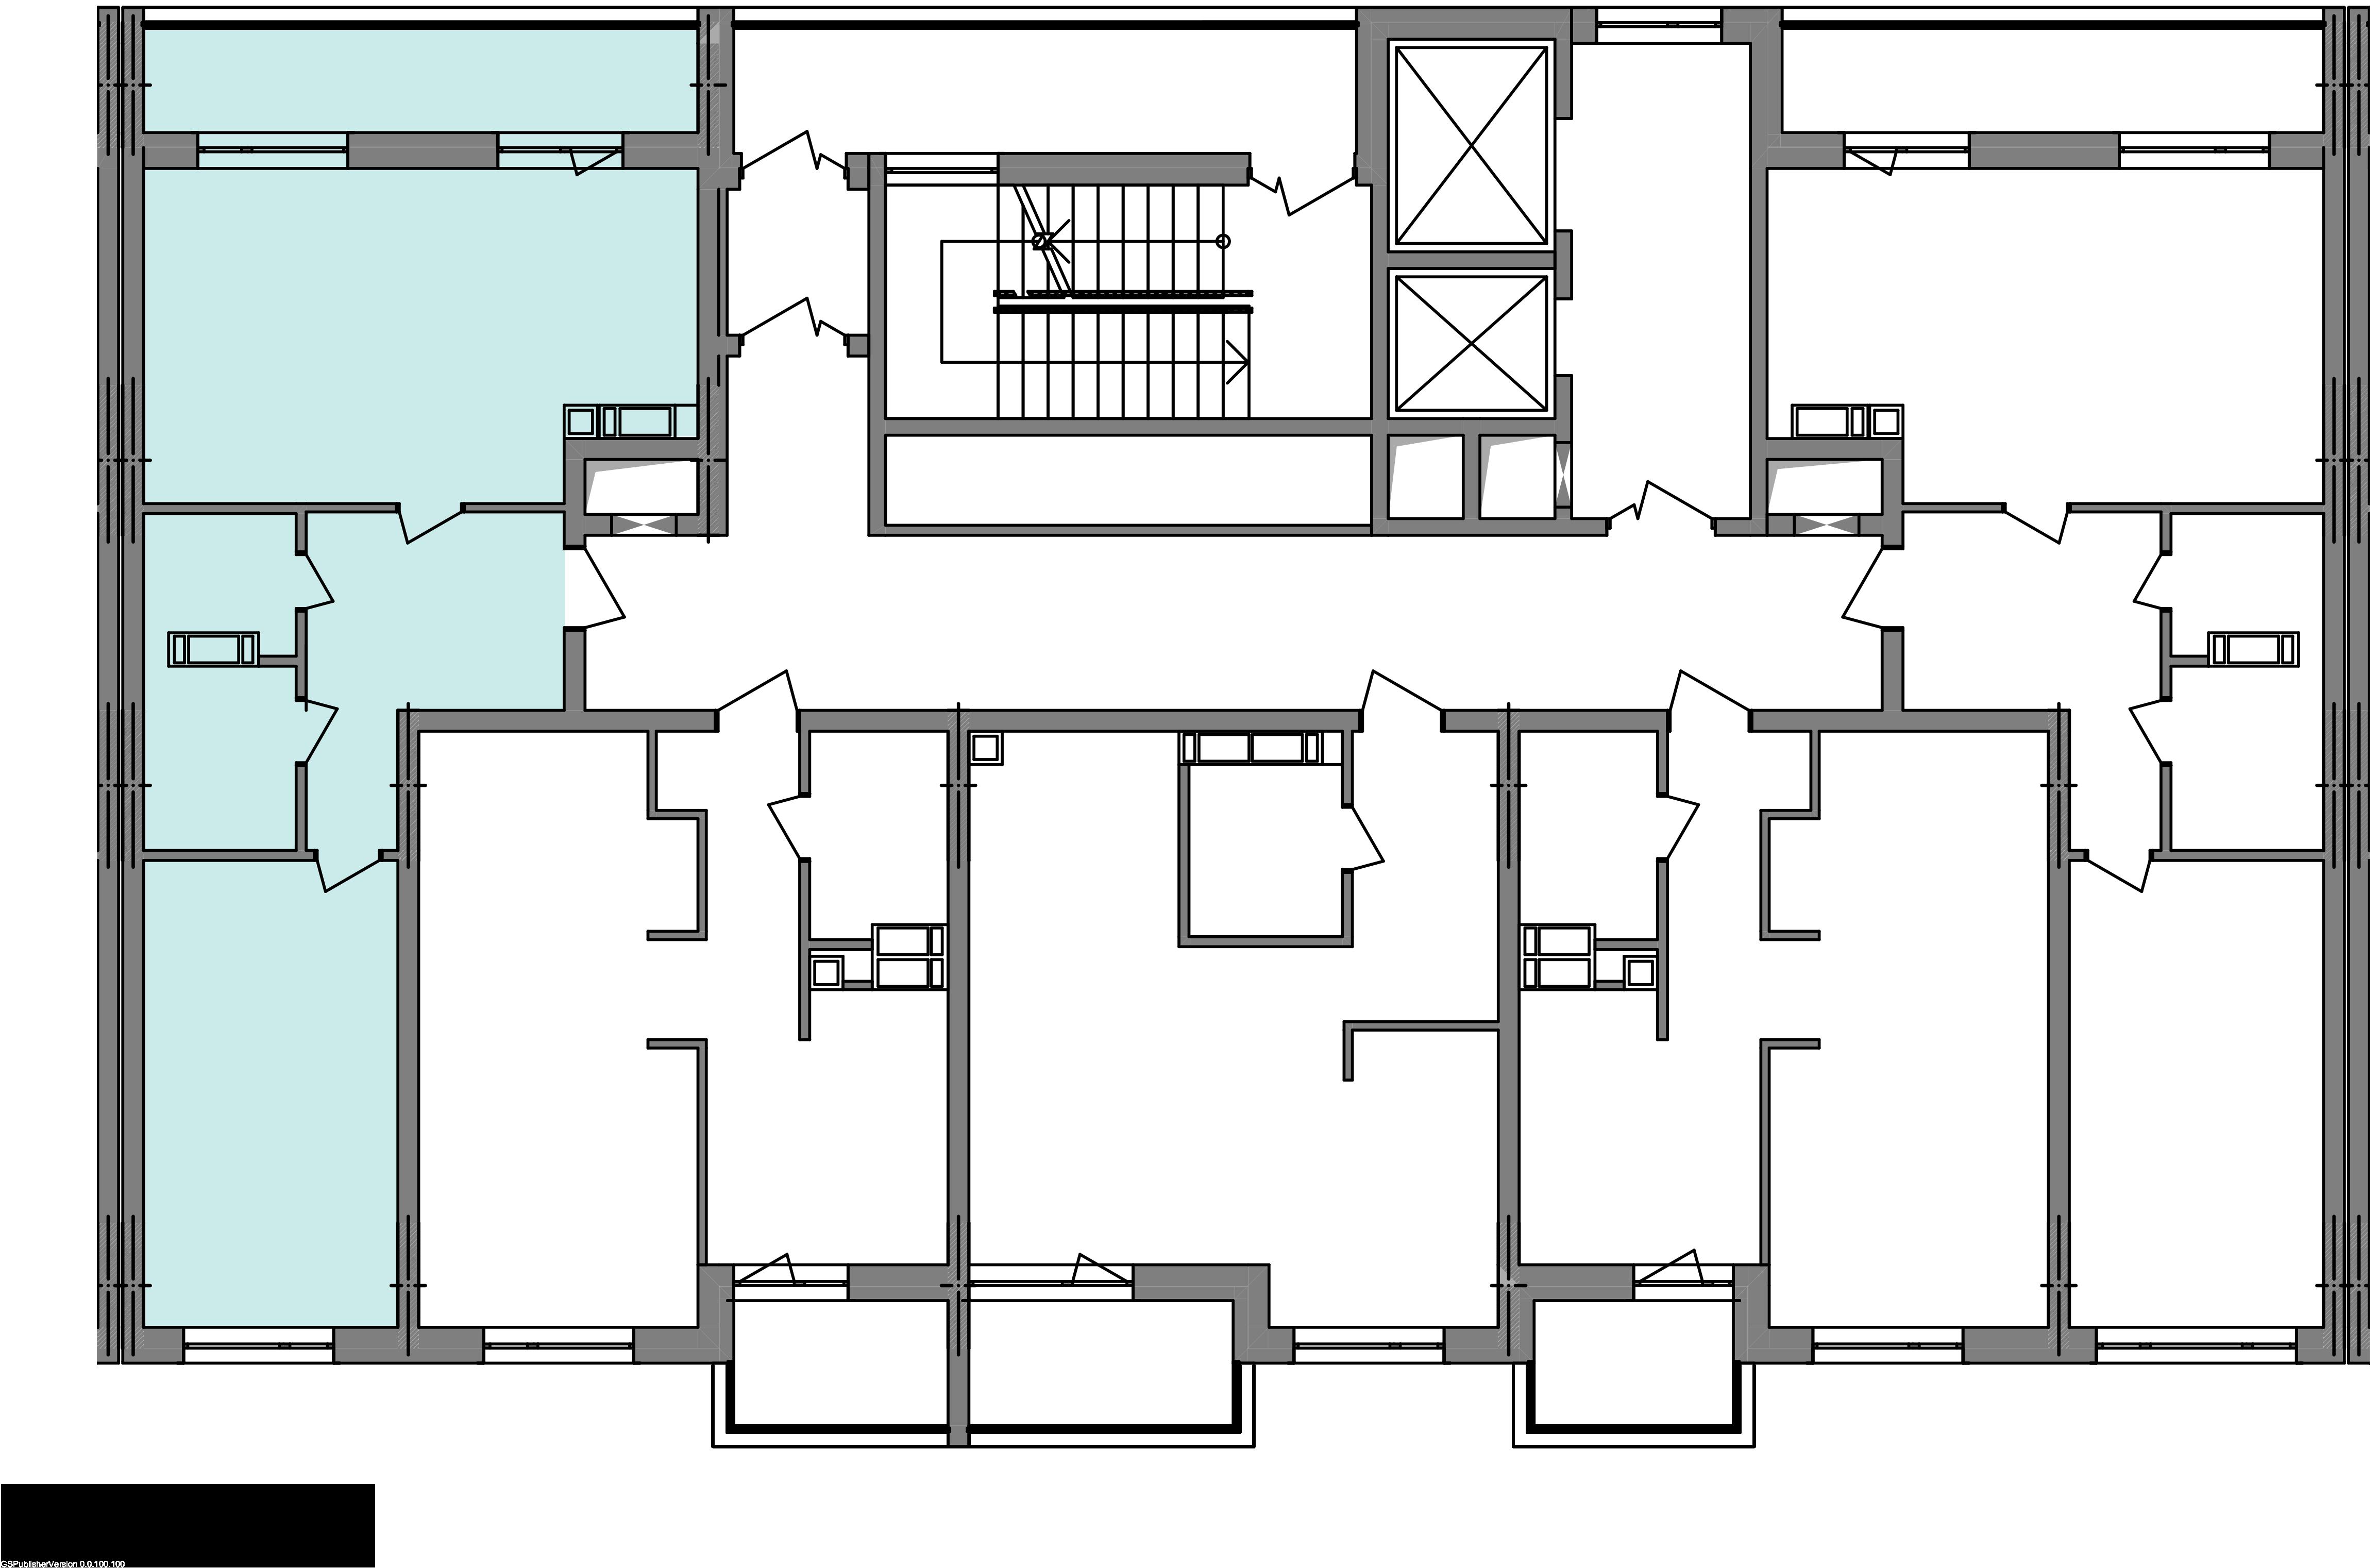 Двокімнатна квартира 59,76 кв.м., тип 2.4, дом 3, секція 2 розташування на поверсі